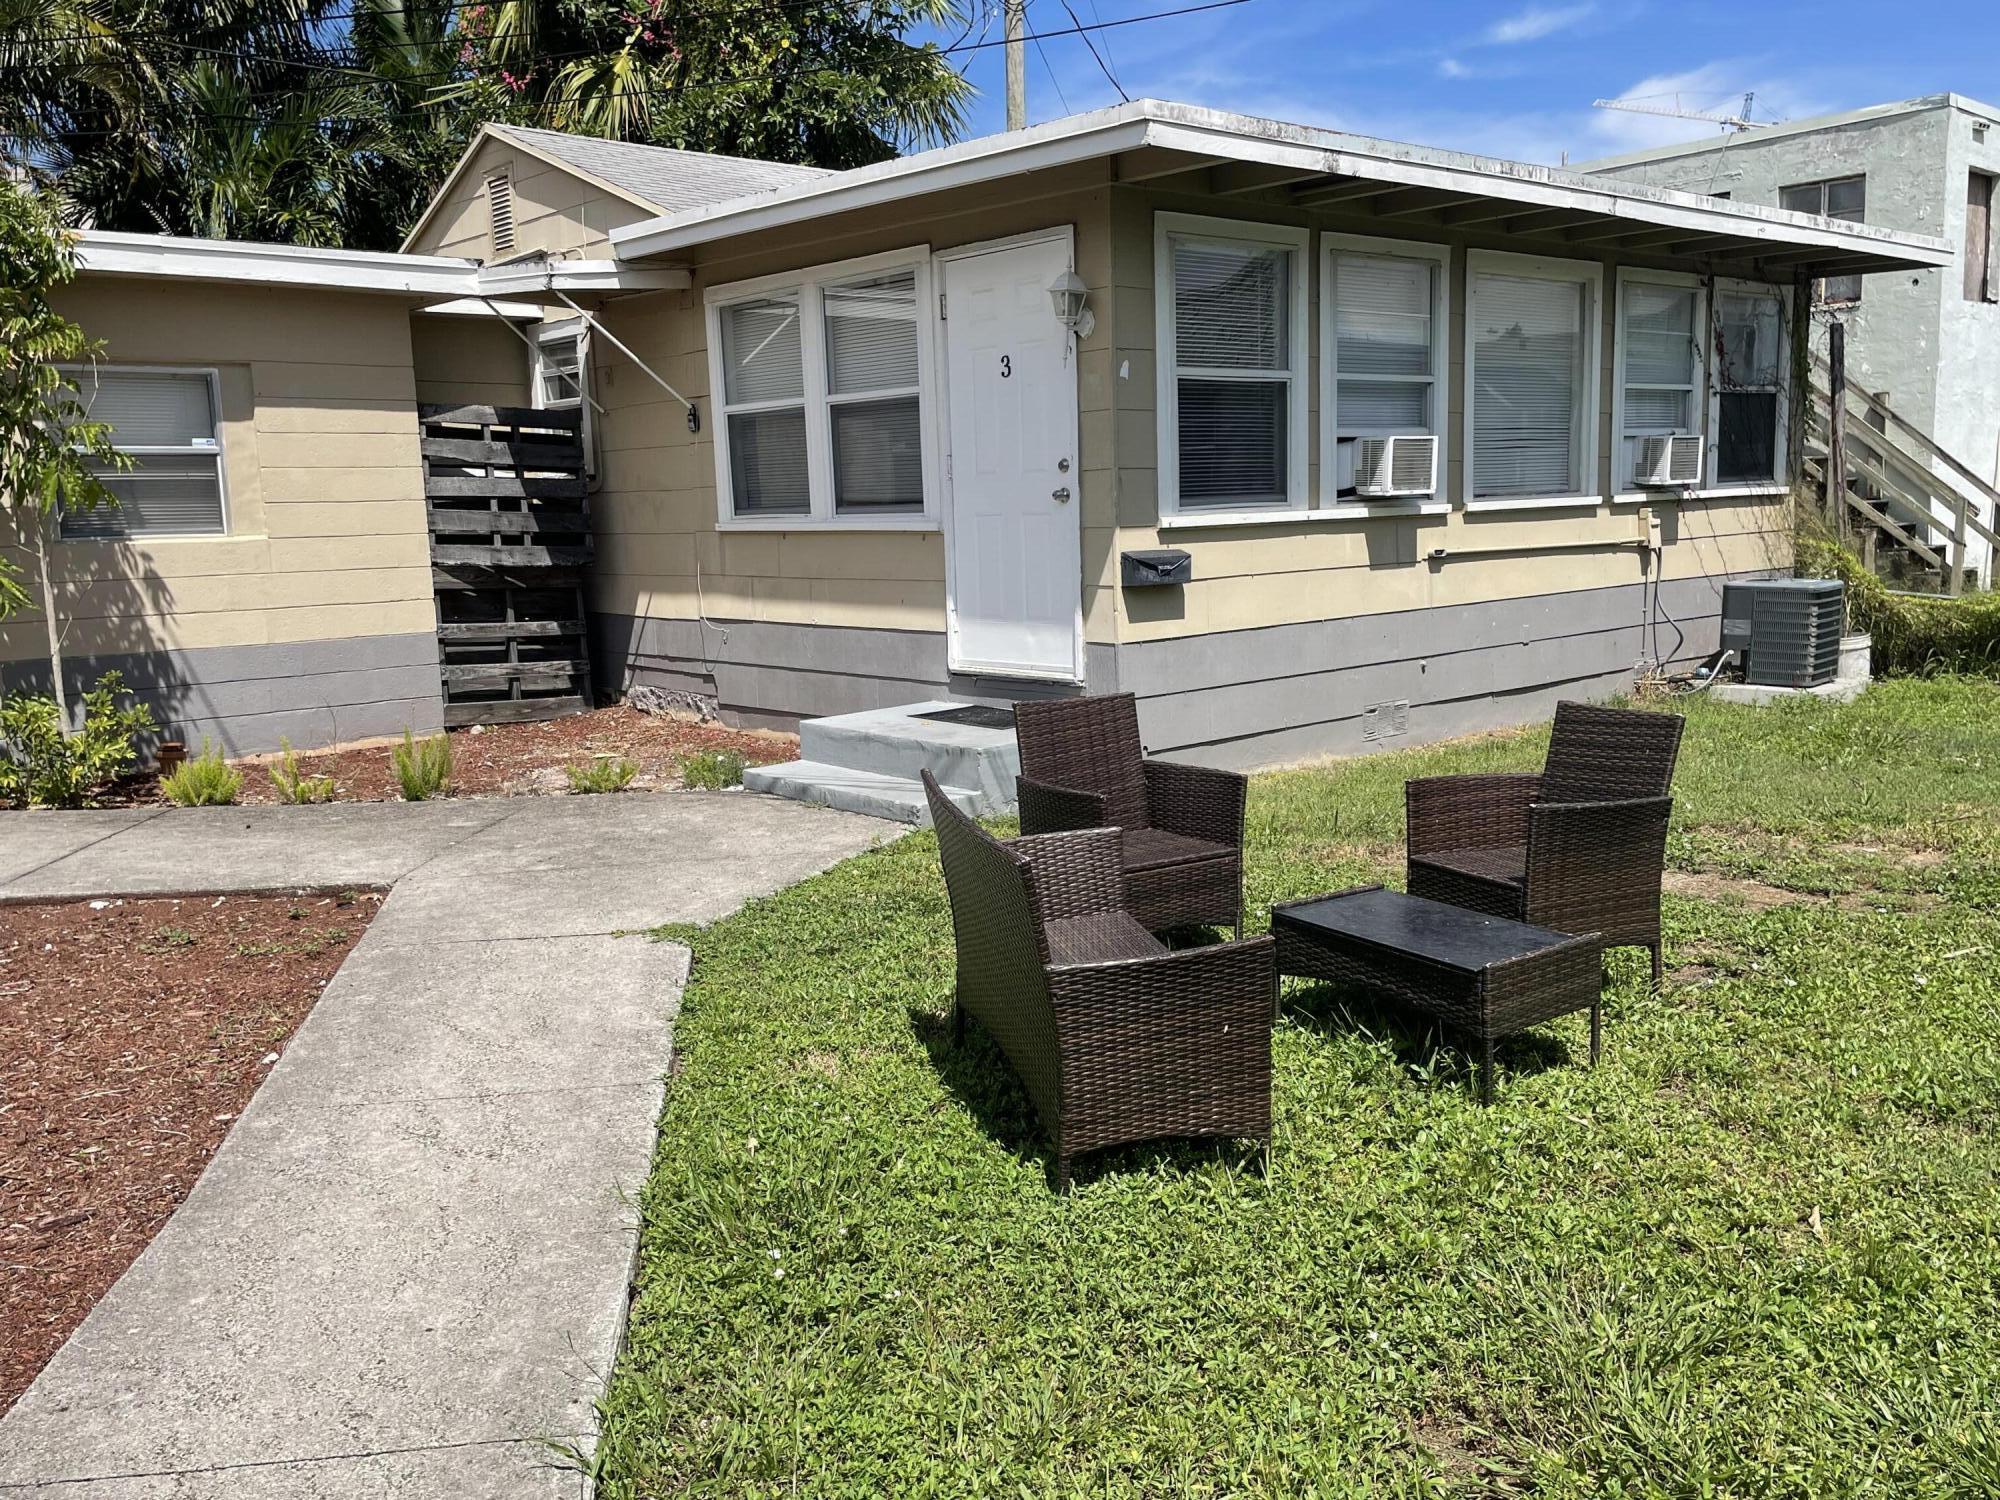 517 Kanuga Drive #3 - 33401 - FL - West Palm Beach